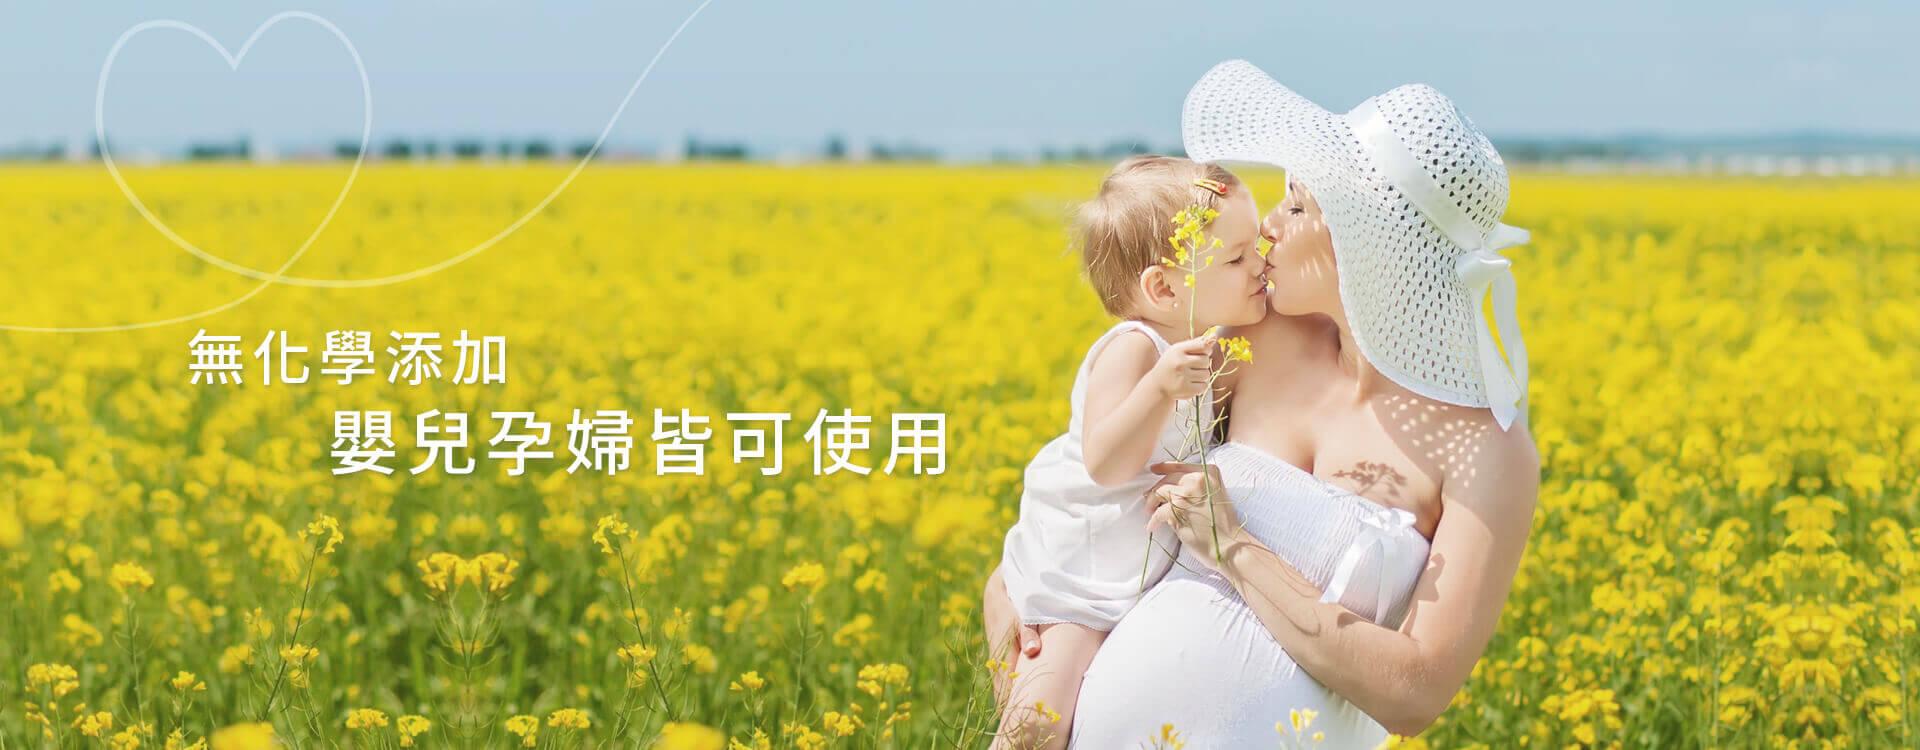 無化學添加,嬰幼兒都可以使用